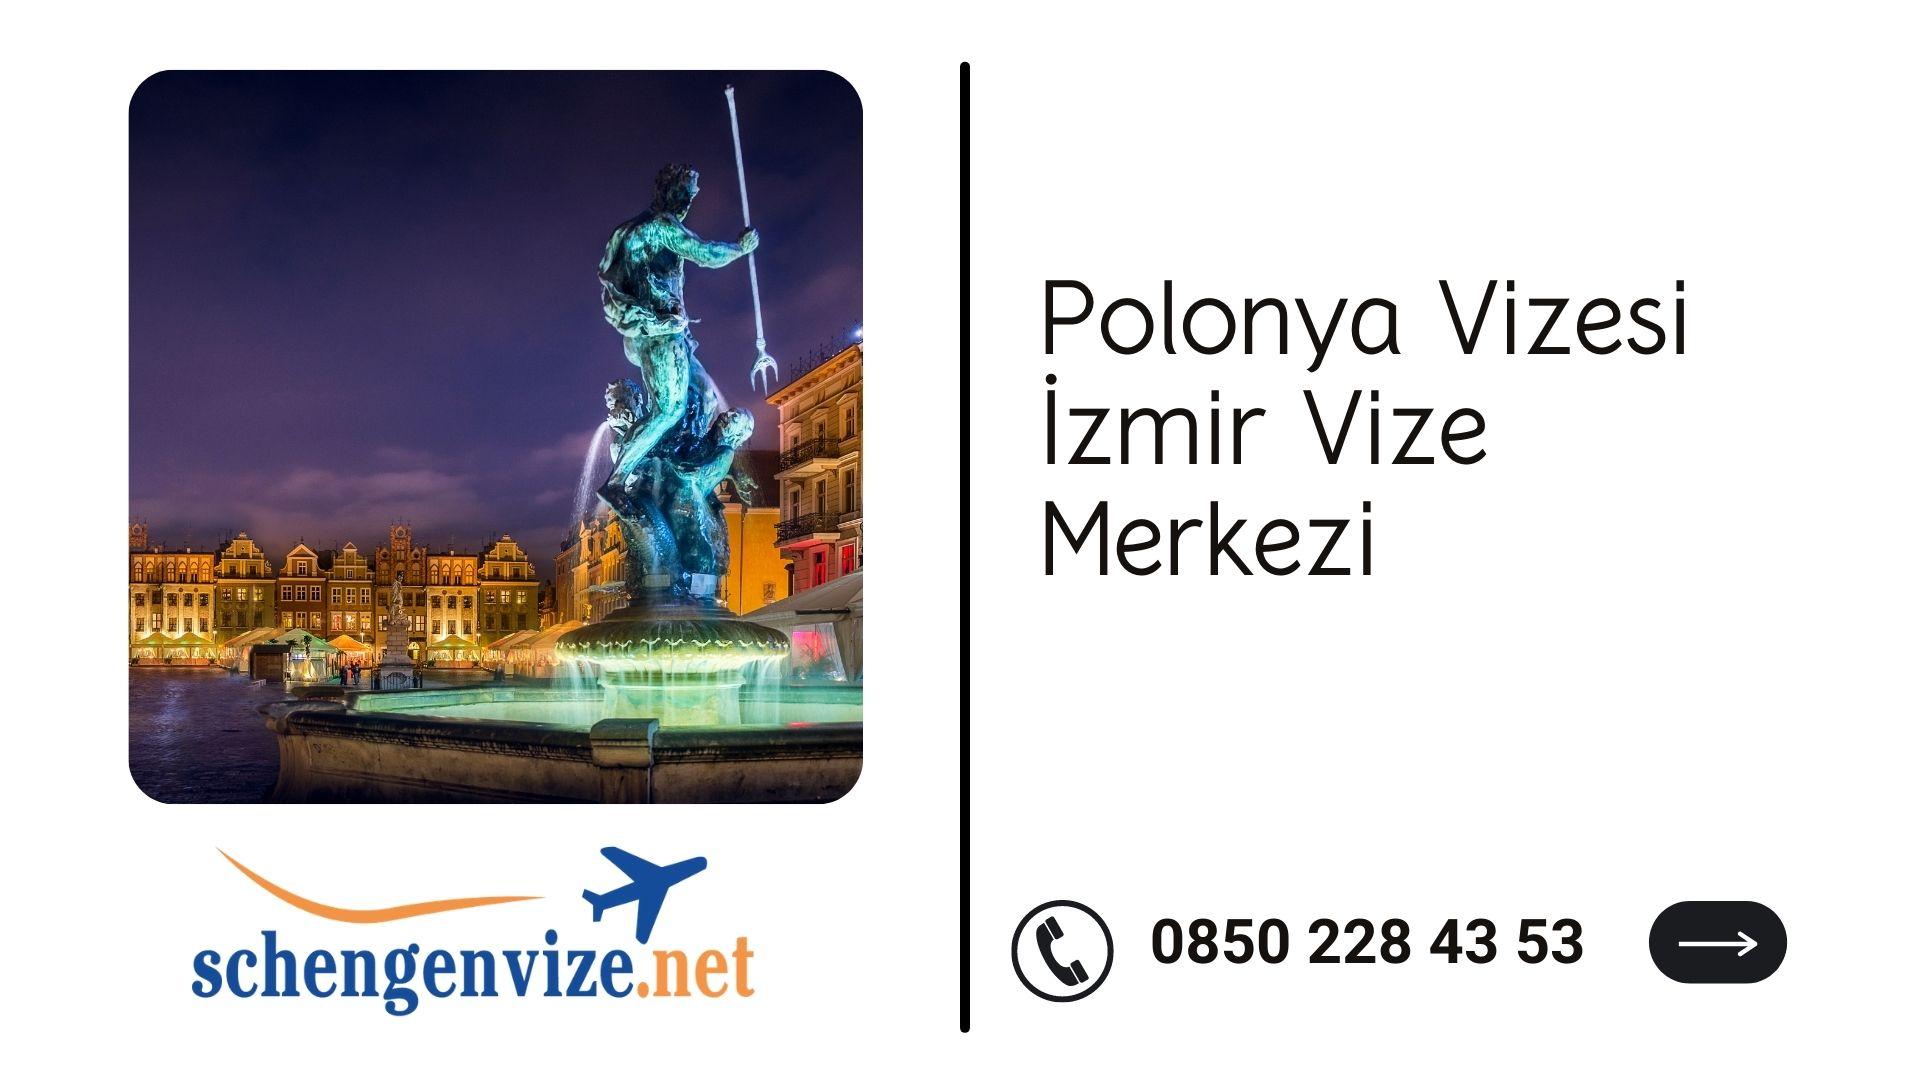 Polonya Vizesi İzmir Vize Merkezi